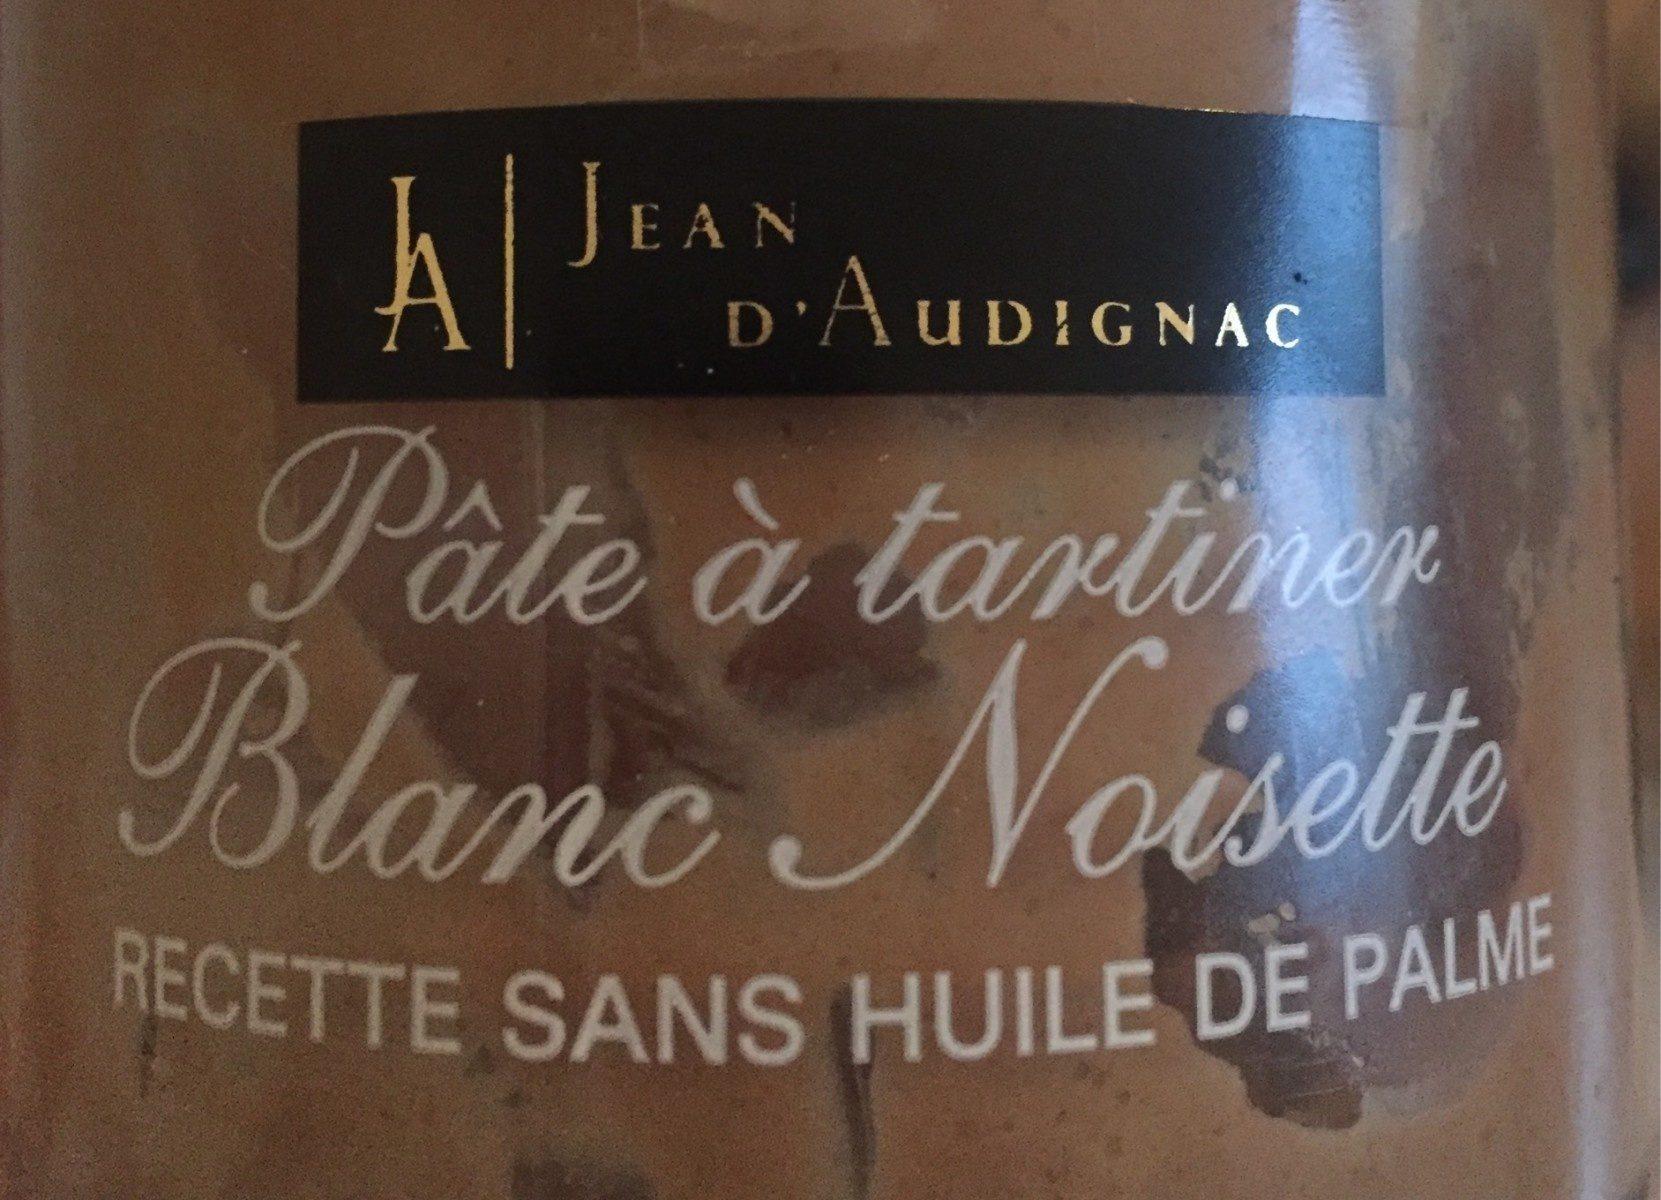 Pate a tartiner Blanc Noisette - Produit - fr